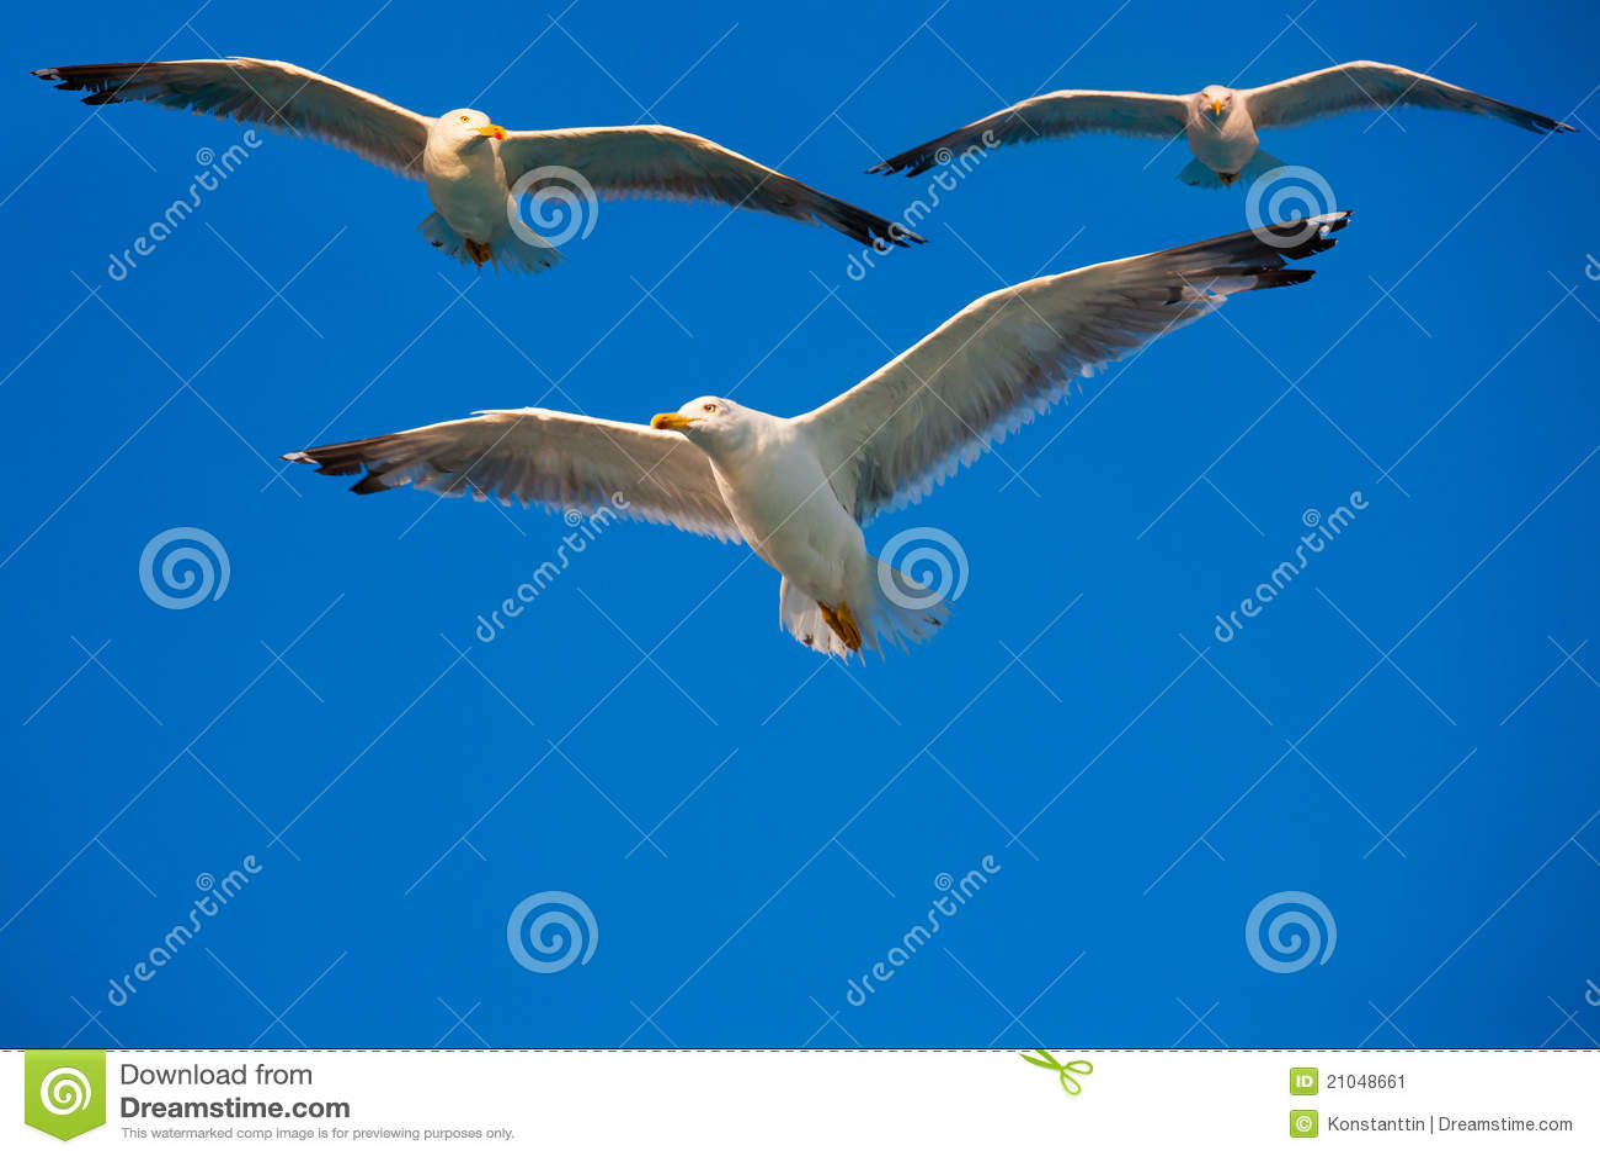 Vögel, die in den Himmel fliegen